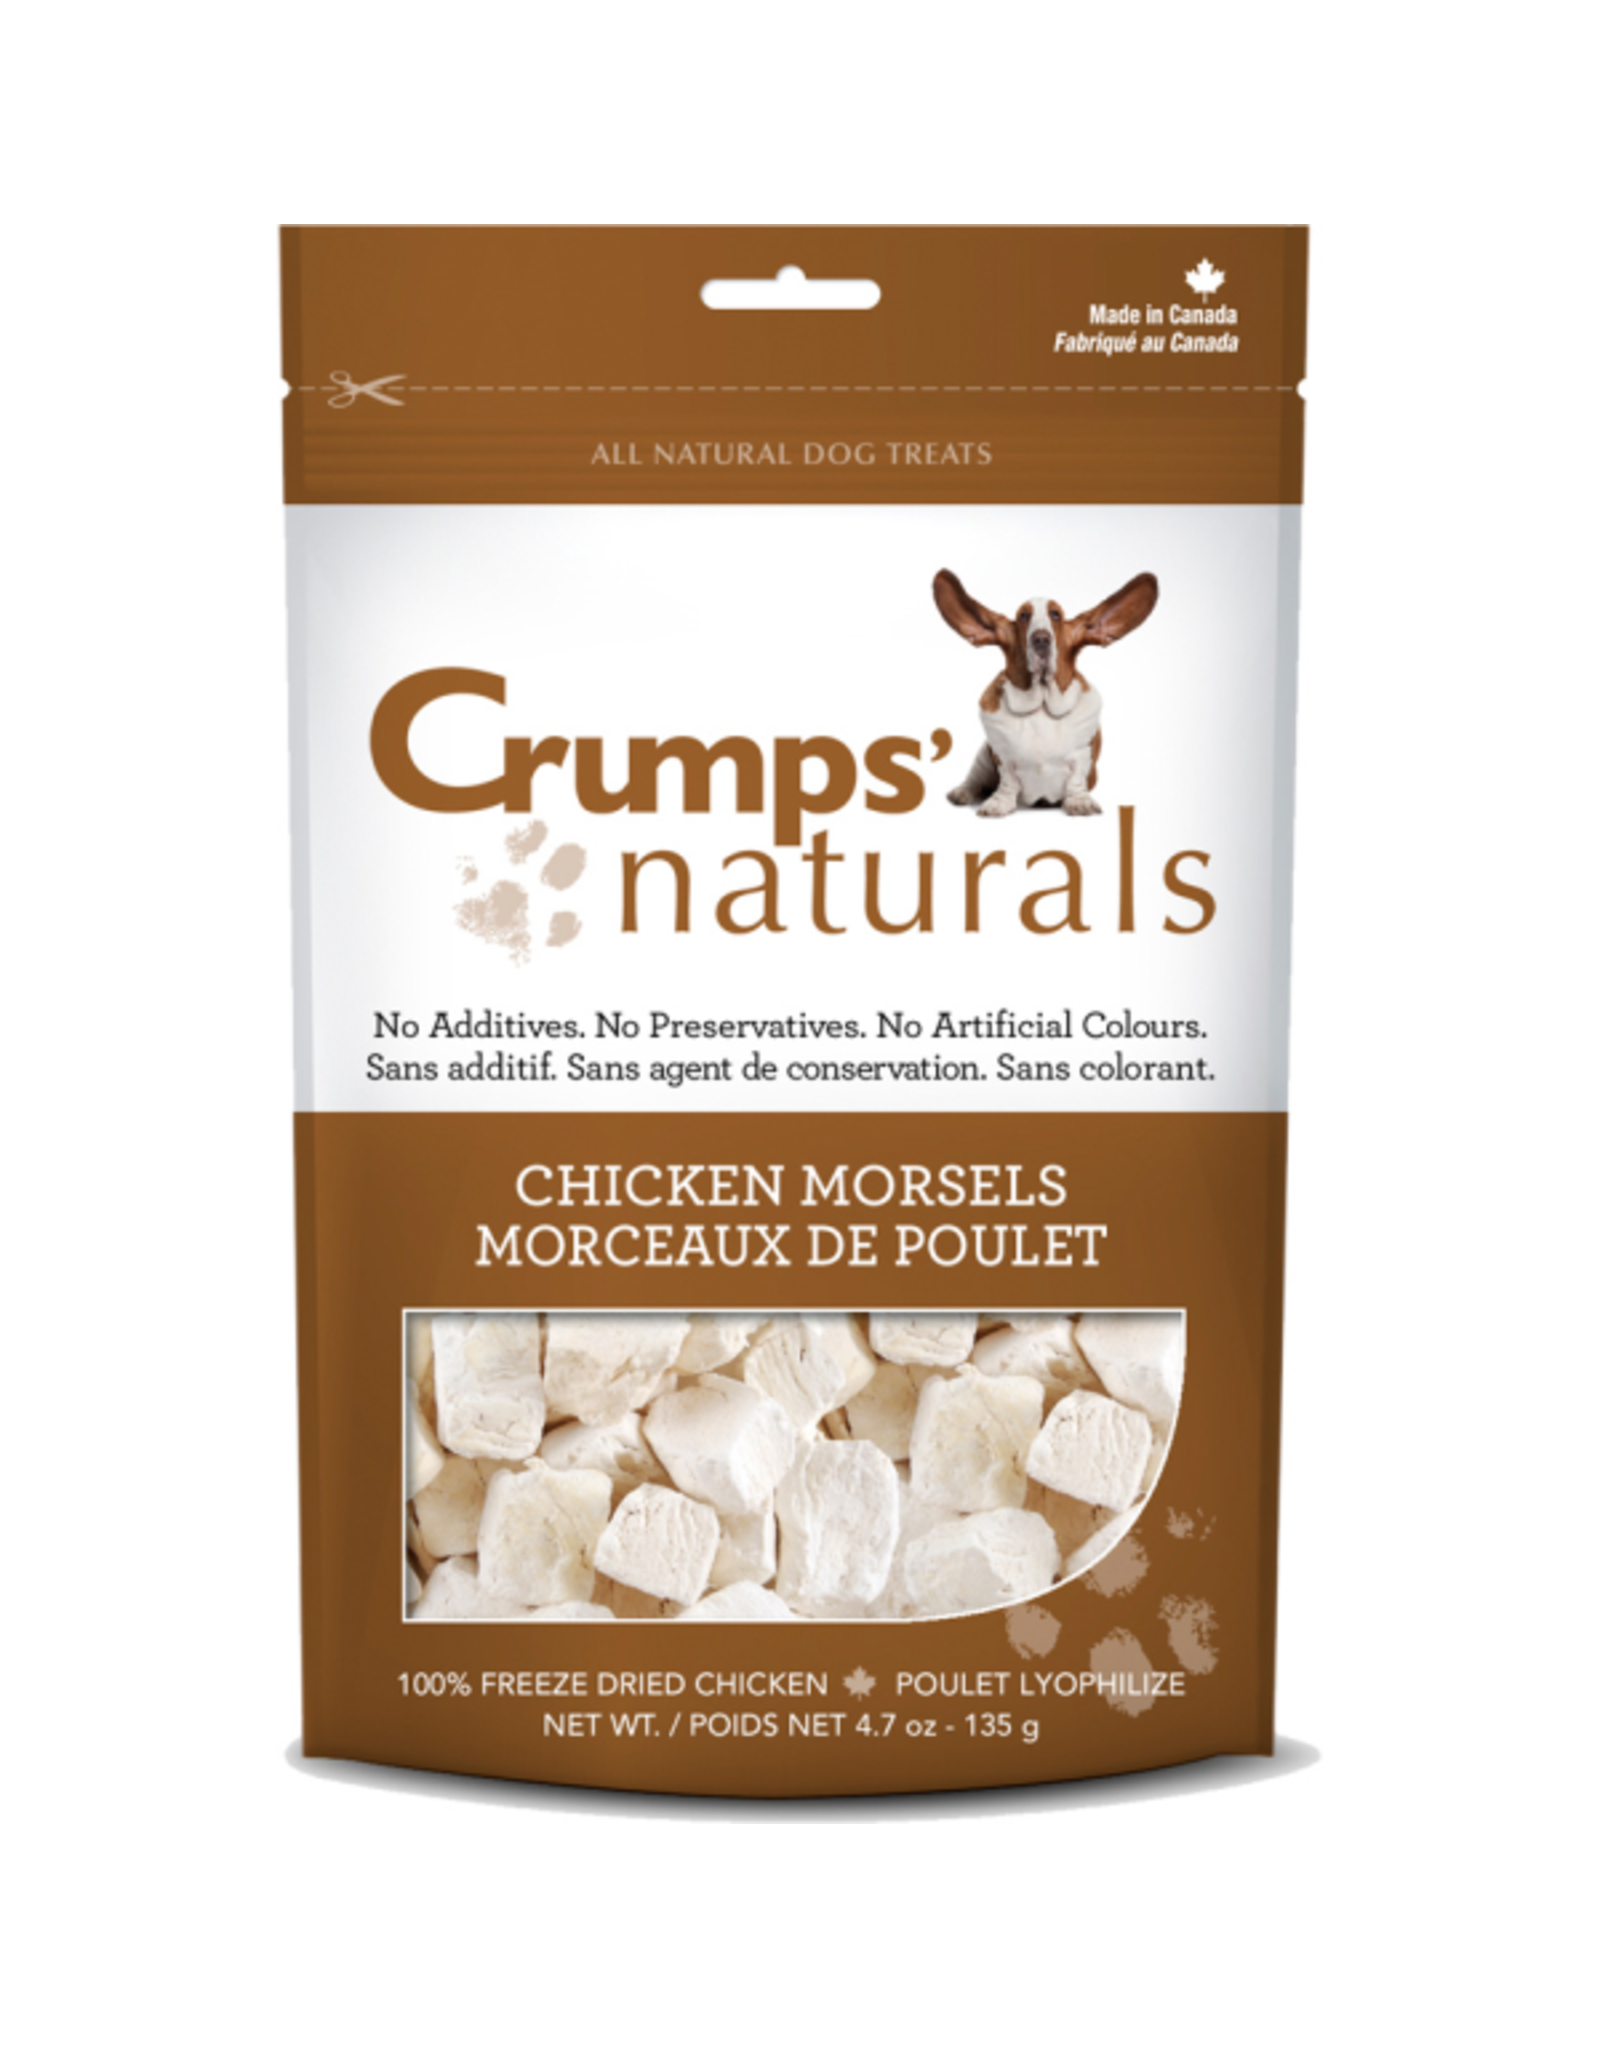 Crumps Chicken Morsels